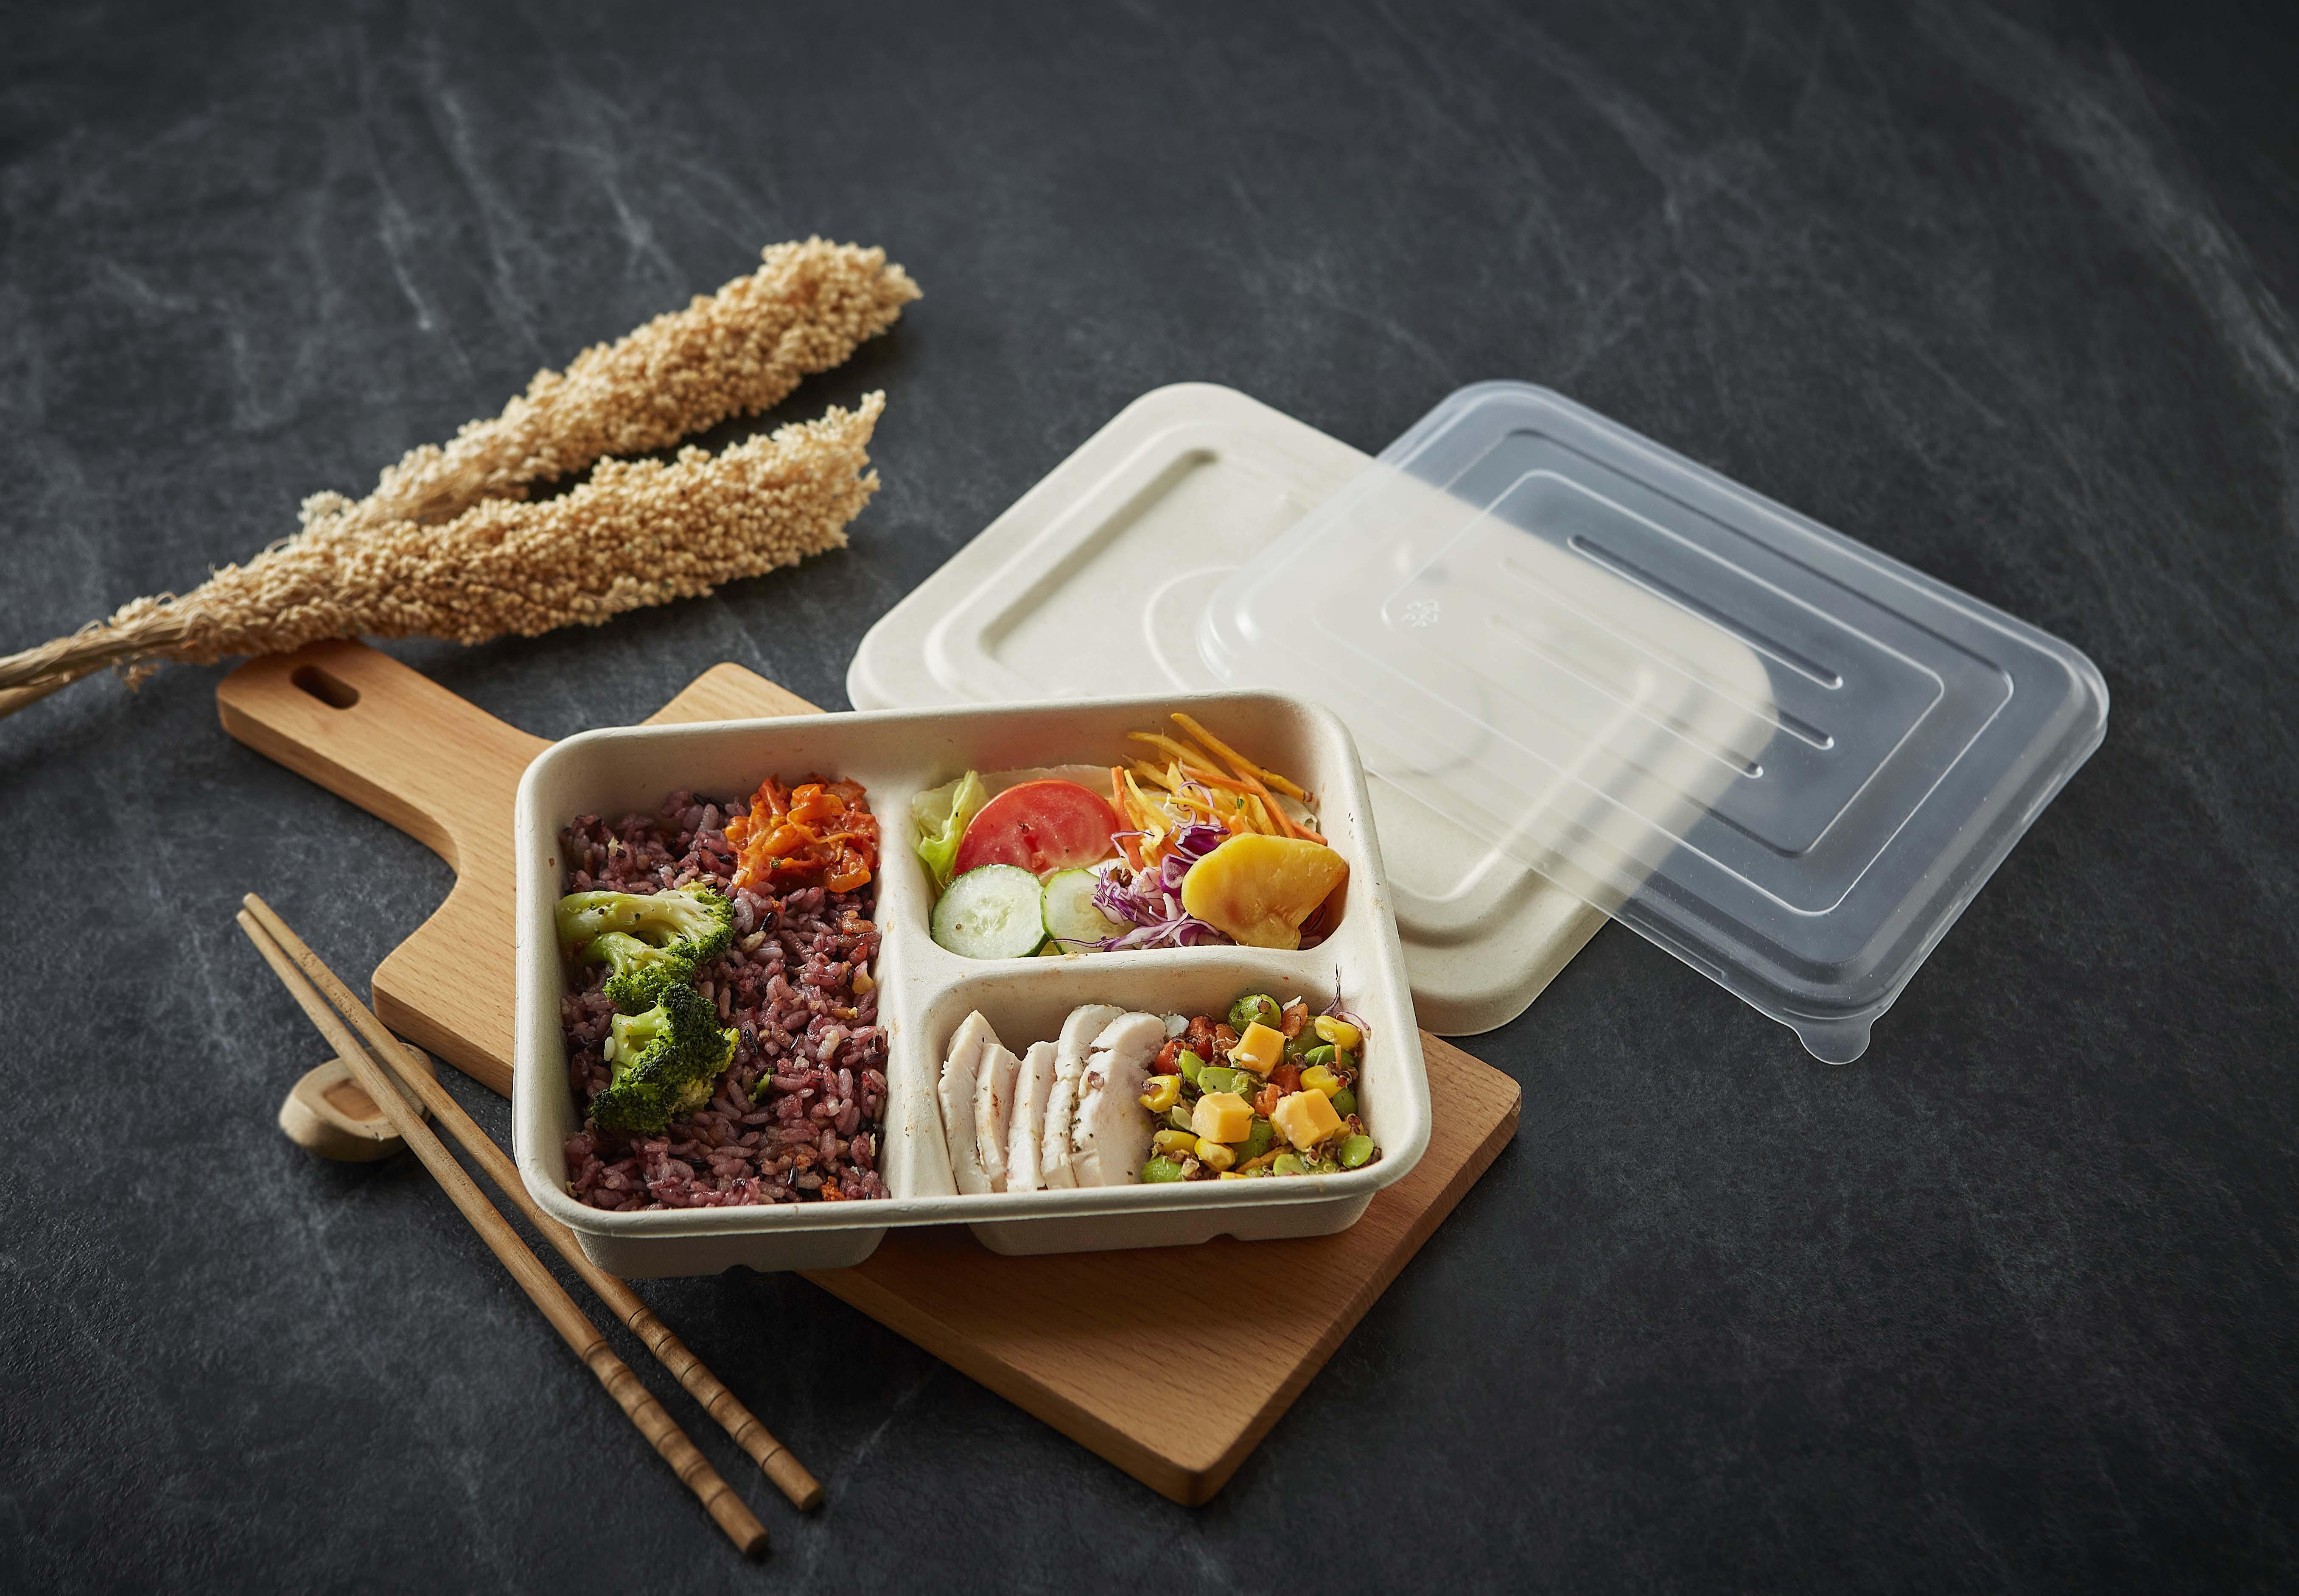 【方型小麥桔梗三格餐盒-小(含蓋)】方形 免洗餐盤 便當盒 環保餐盒 外帶盒